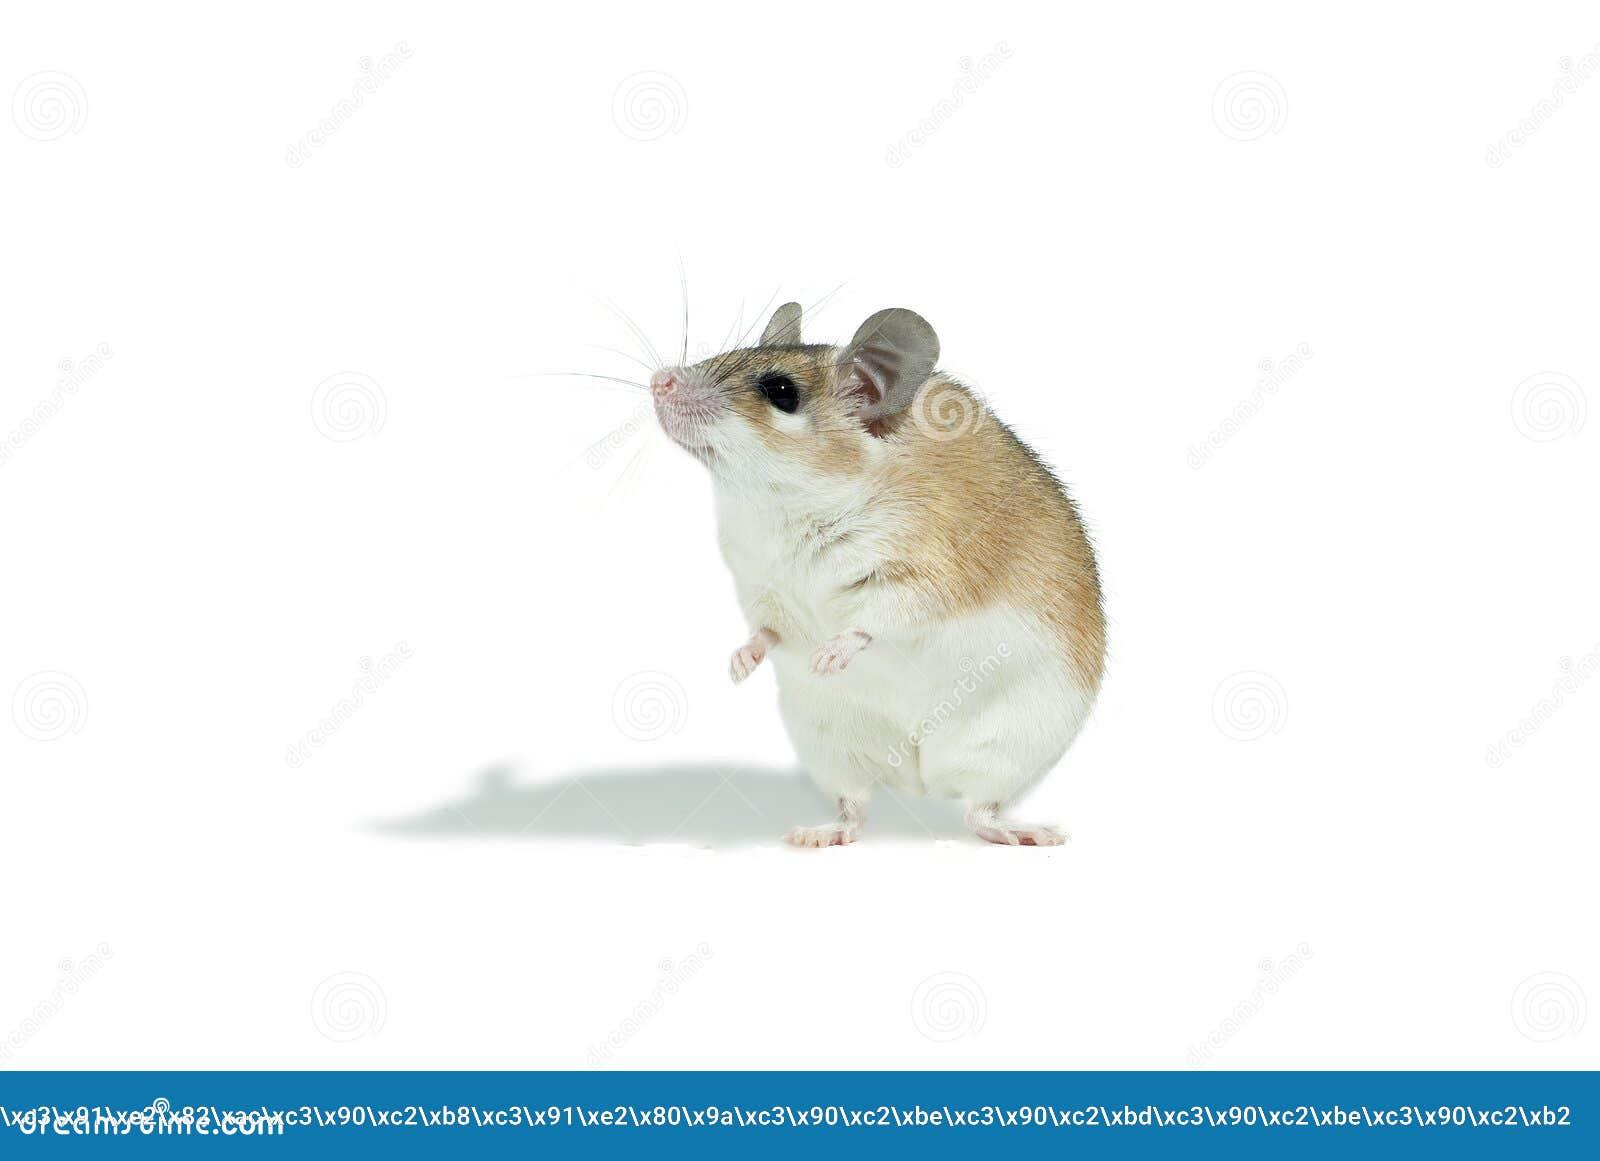 Ratón espinoso amarillo claro aislado